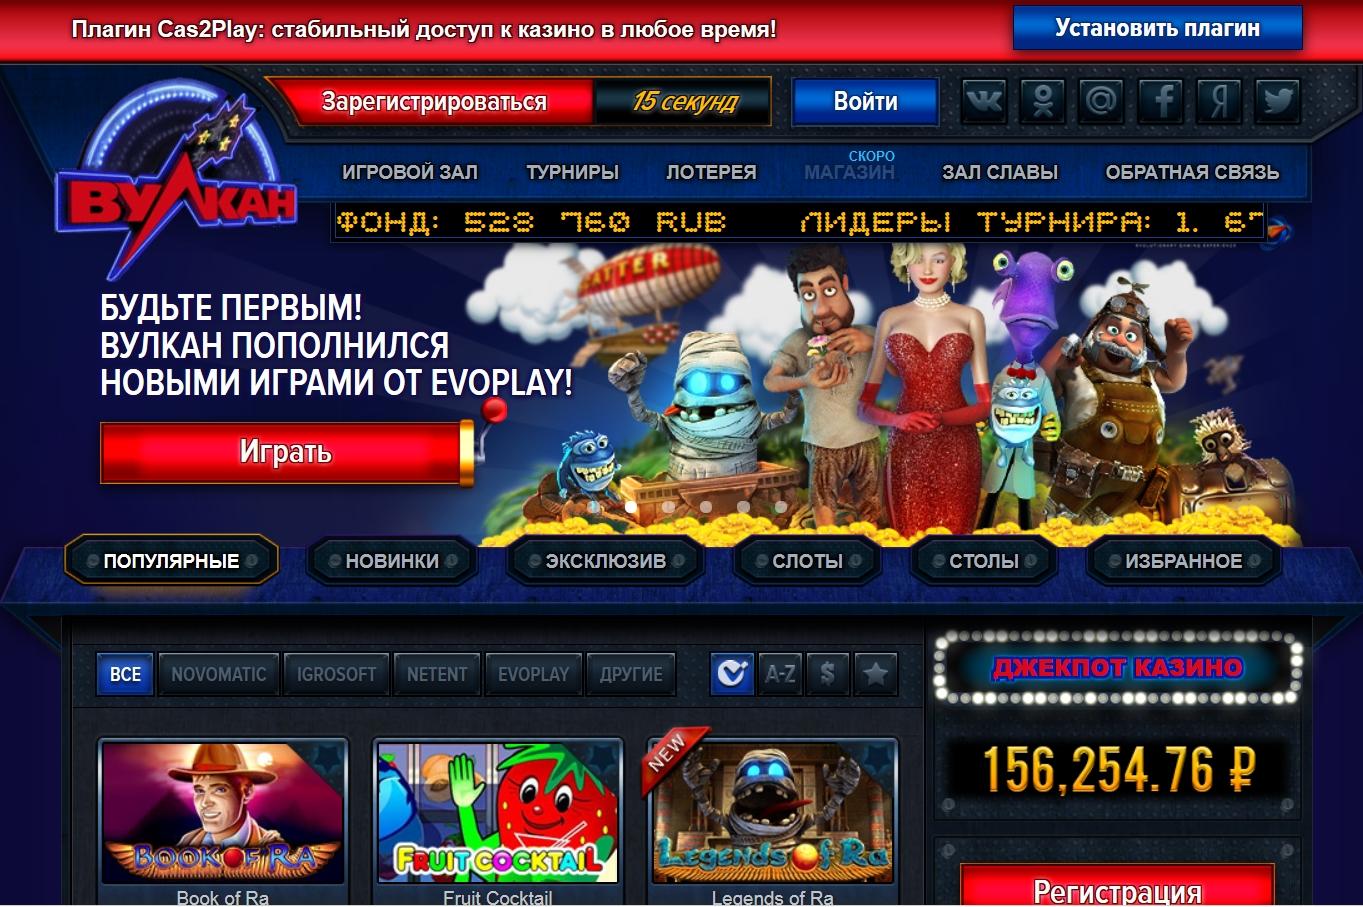 Оказались Игры Видео Вулкан Подождите немножко